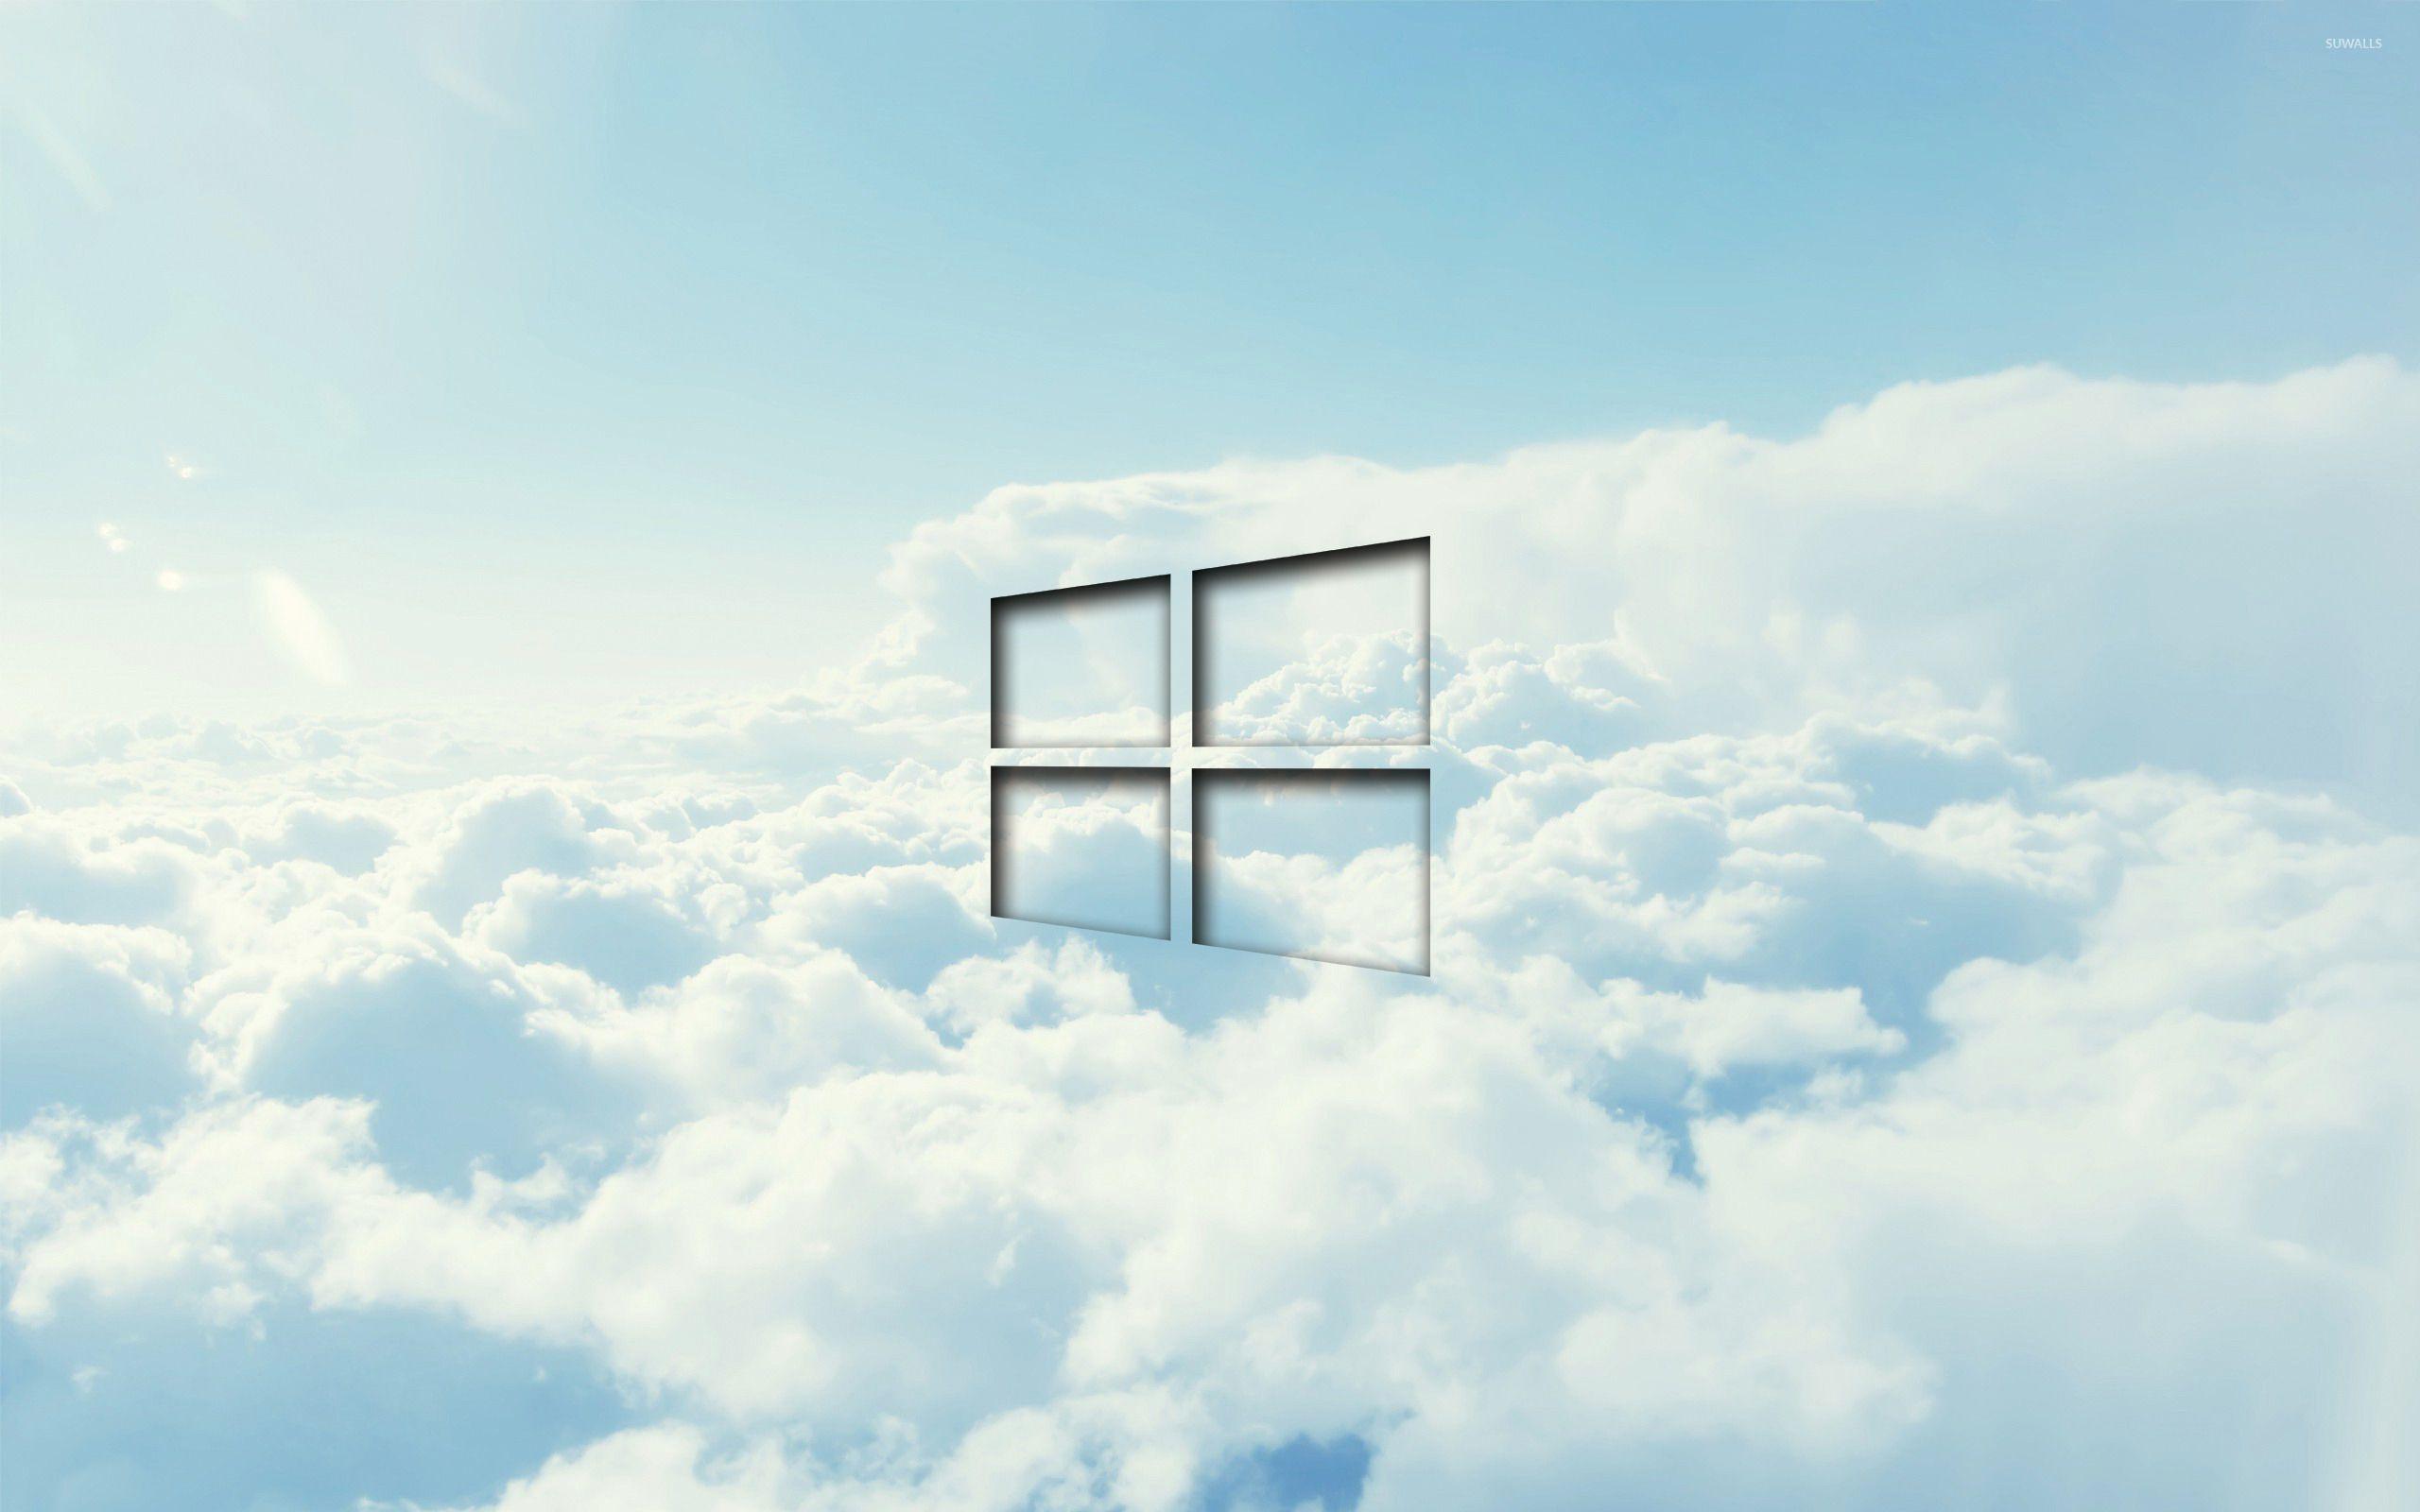 windows-10-46324-2560x1600